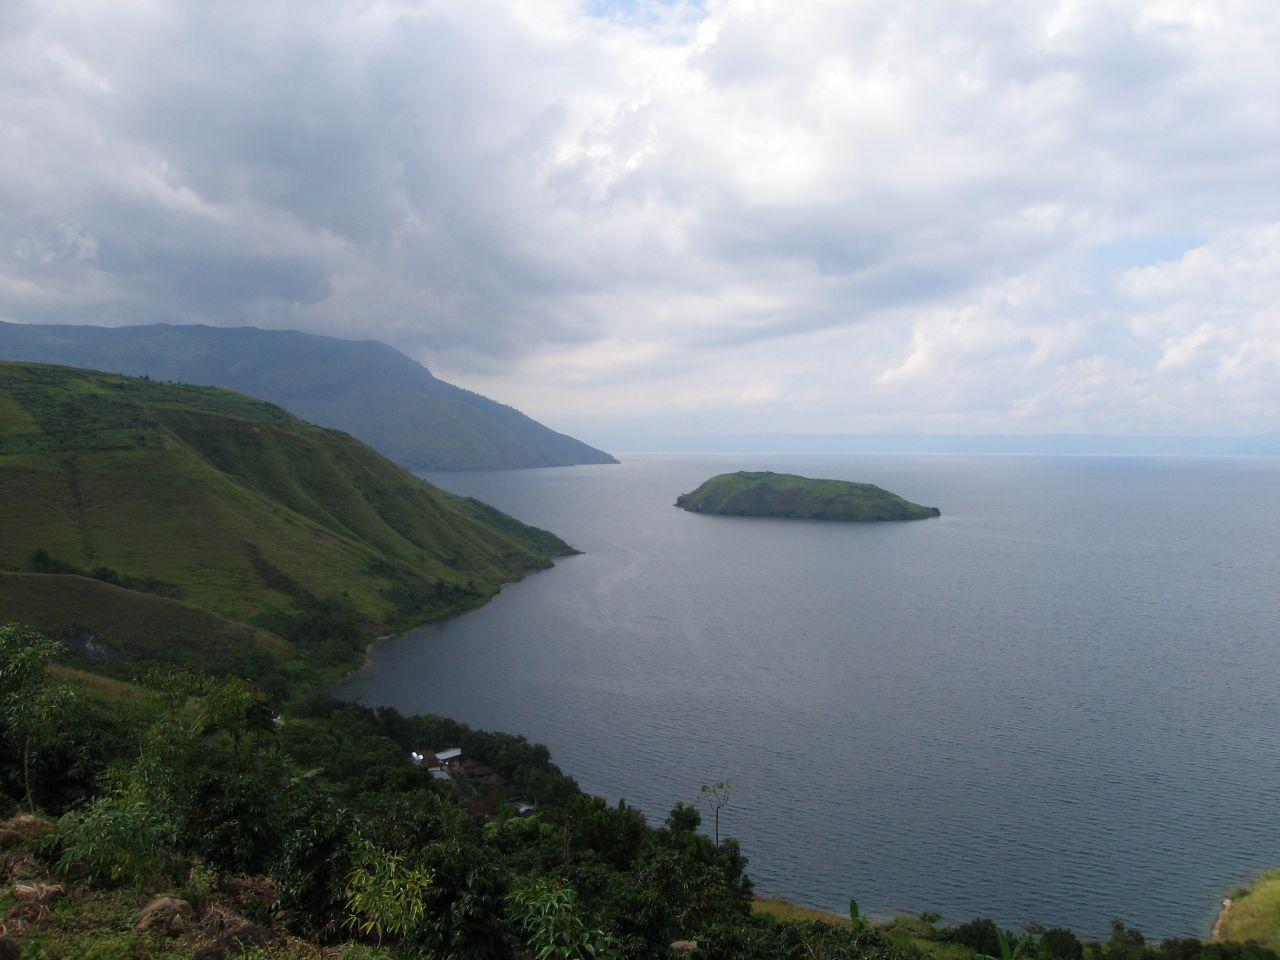 Delapan Gunung Berapi di Indonesia yang Menghebohkan Dunia  diyahseptiana7